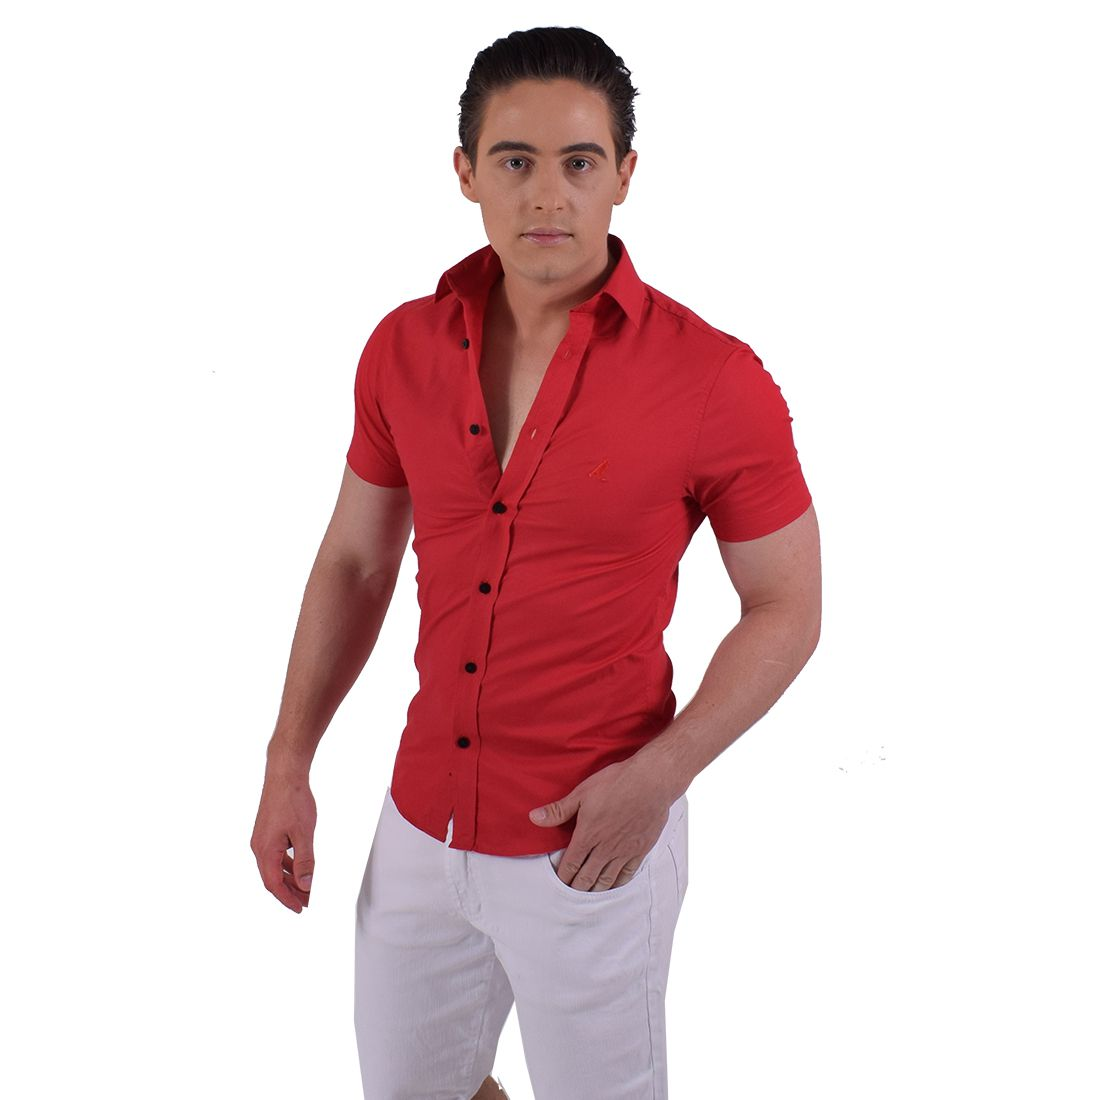 500202 - Camisa Social Manga Curta Masculina Slim Vermelha - LEVOK